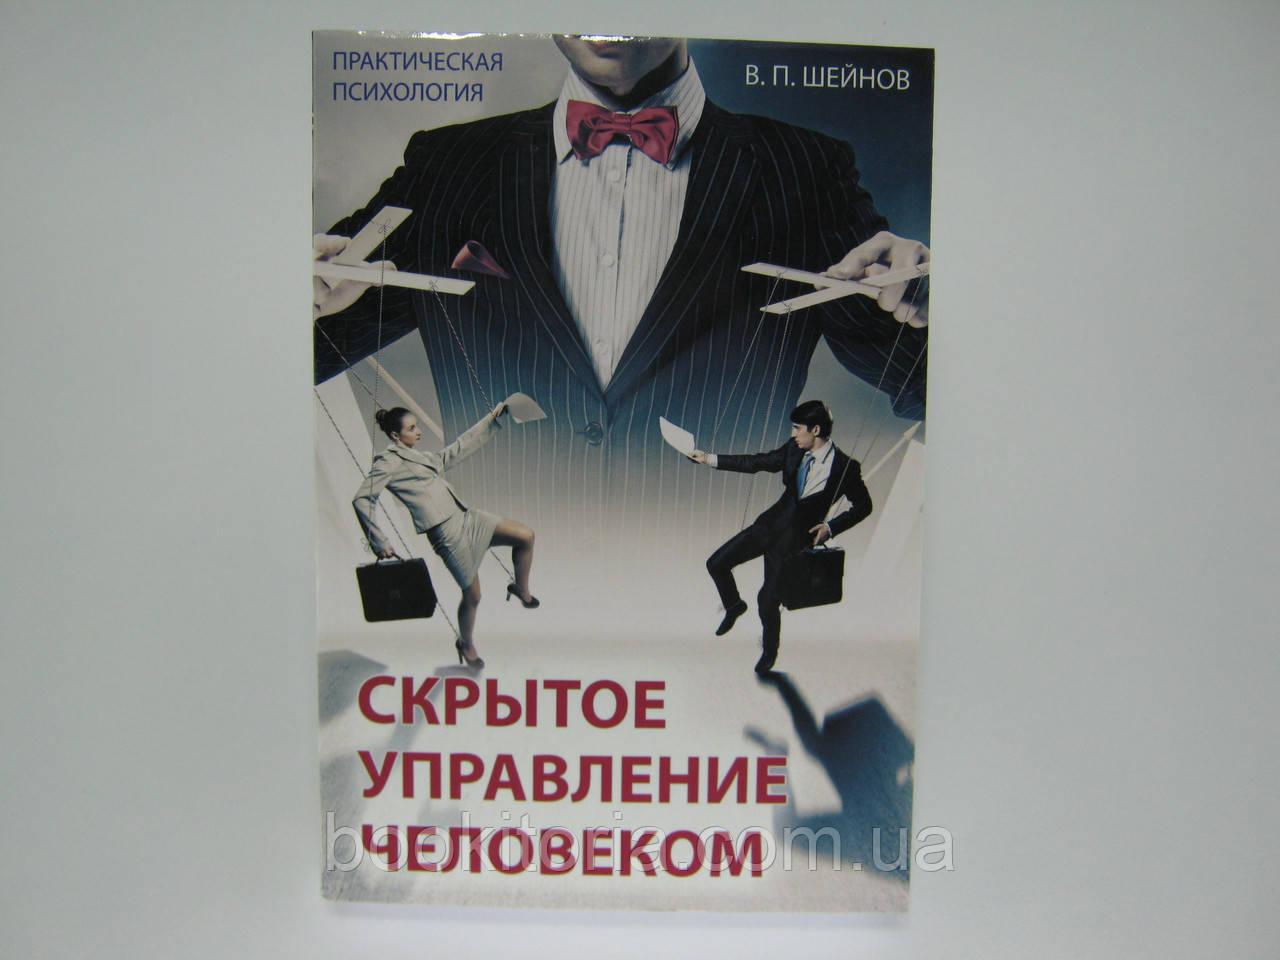 Шейнов В.П. Скрытое управление человеком.